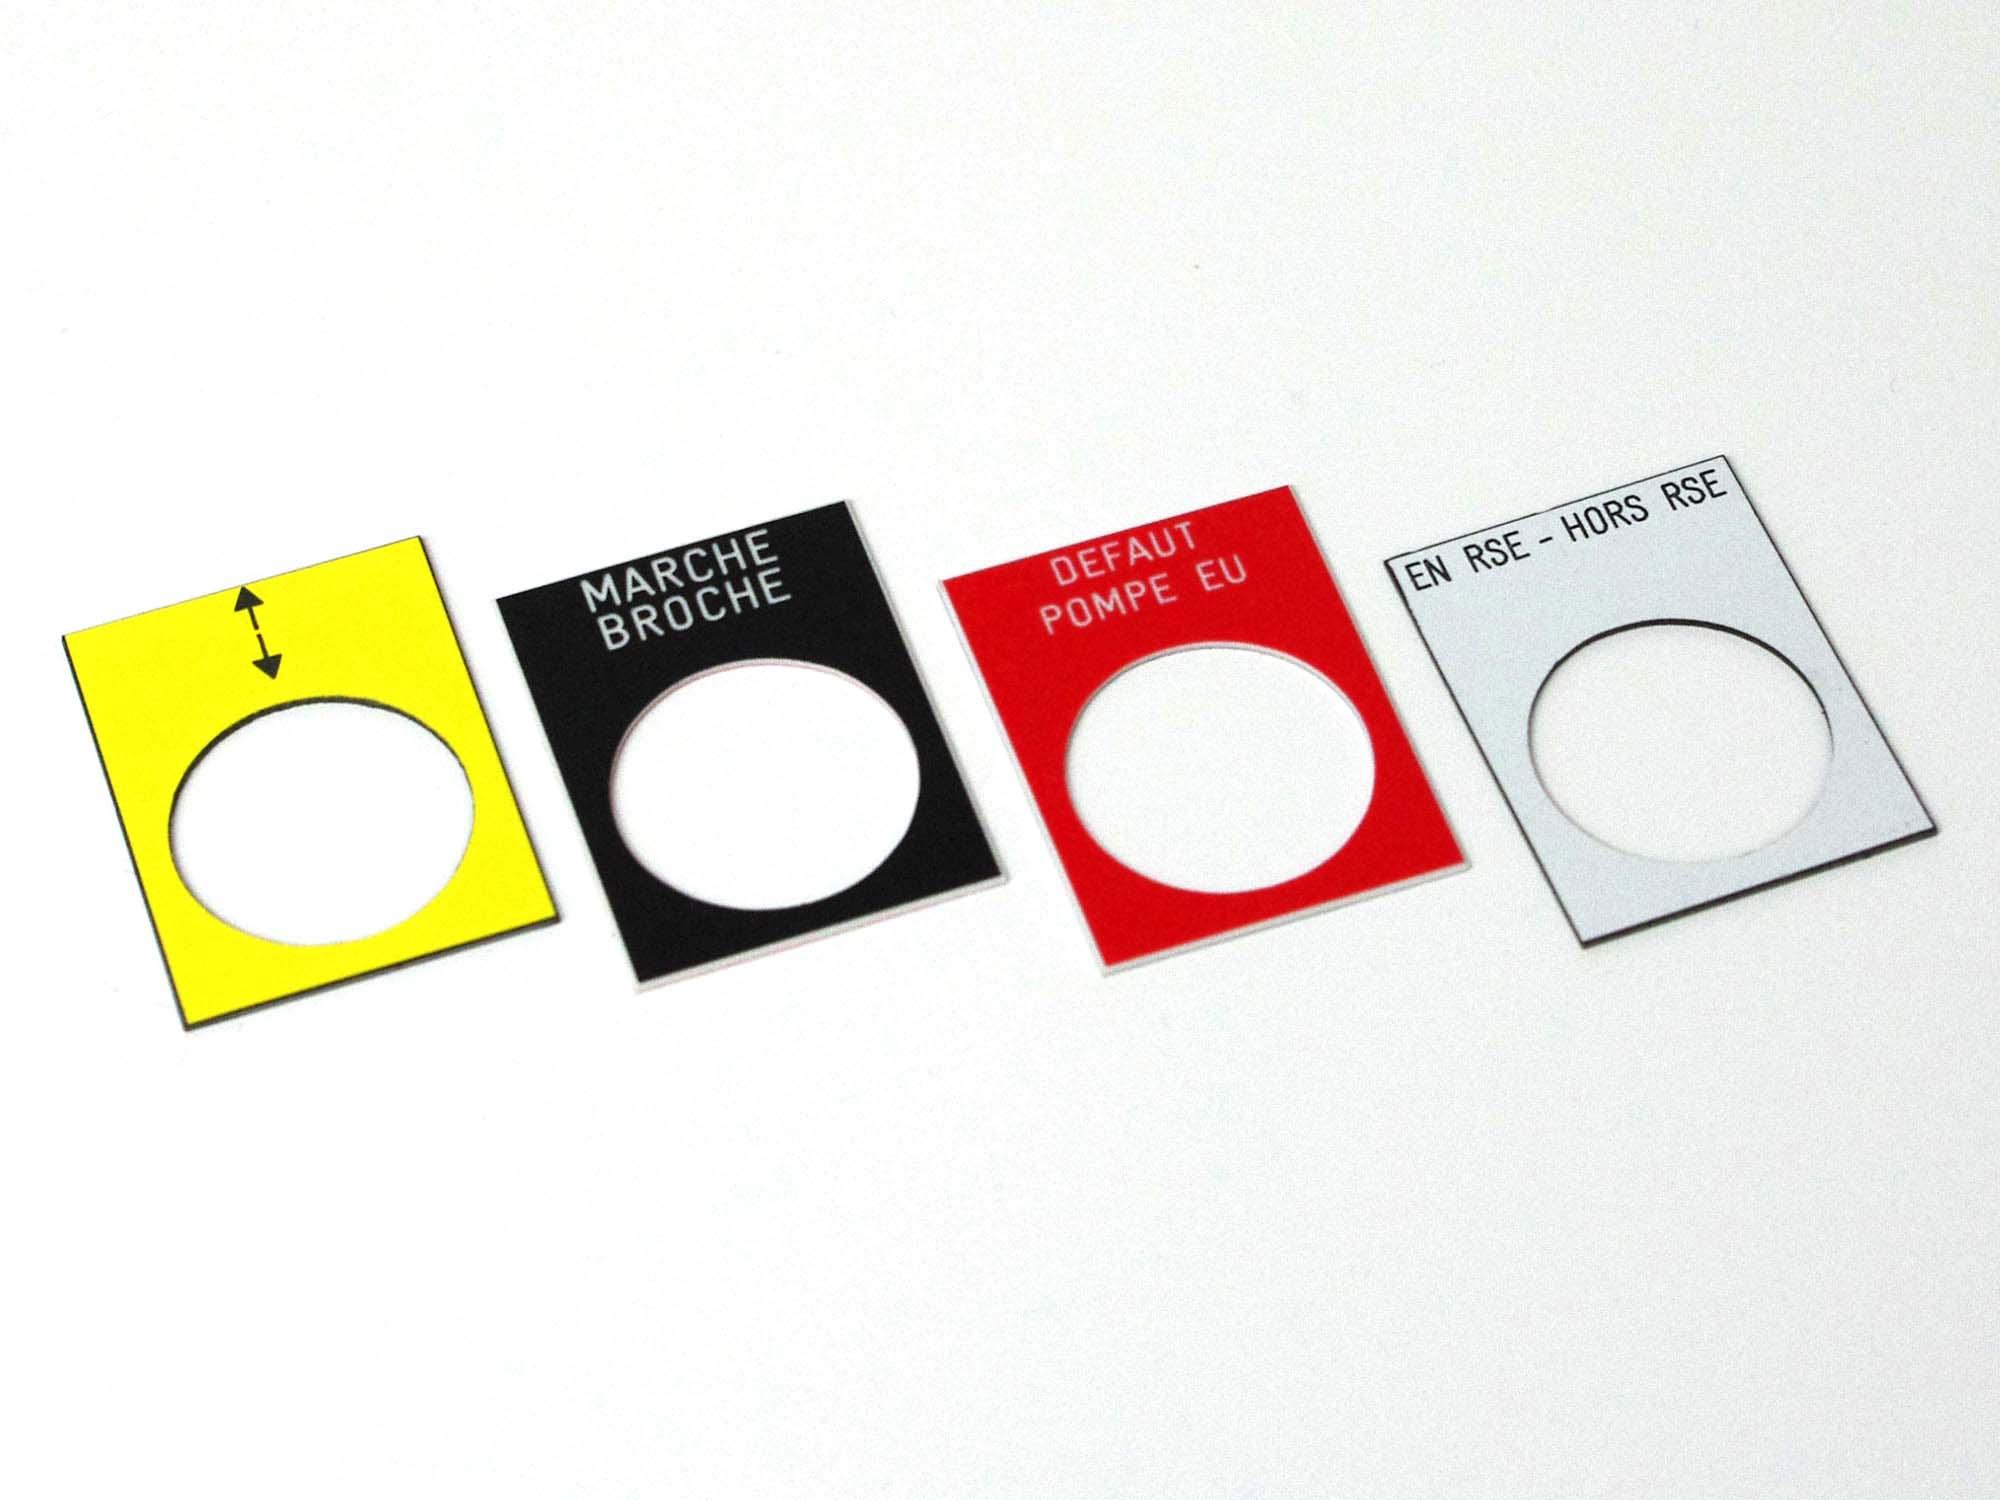 Etiquettes télémécanique perçage 22,5mm